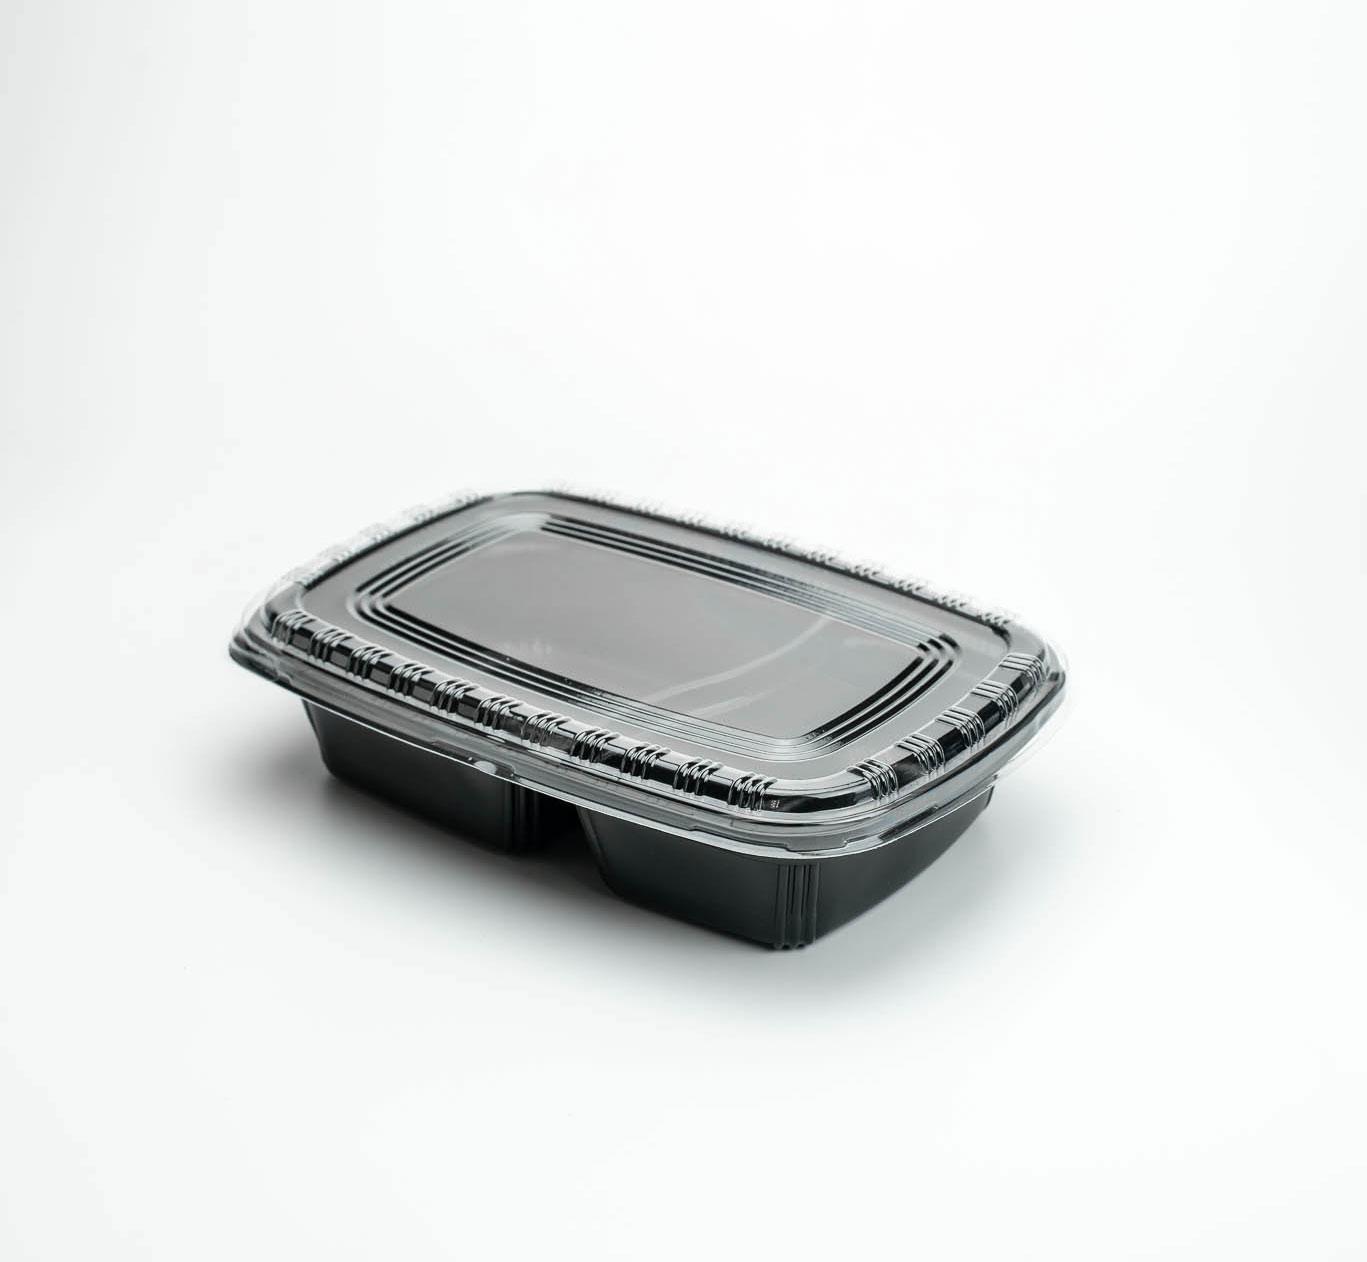 กล่องอาหารพลาสติก 2 ช่อง 750ml (ฝาใสไร้ฝ้า)